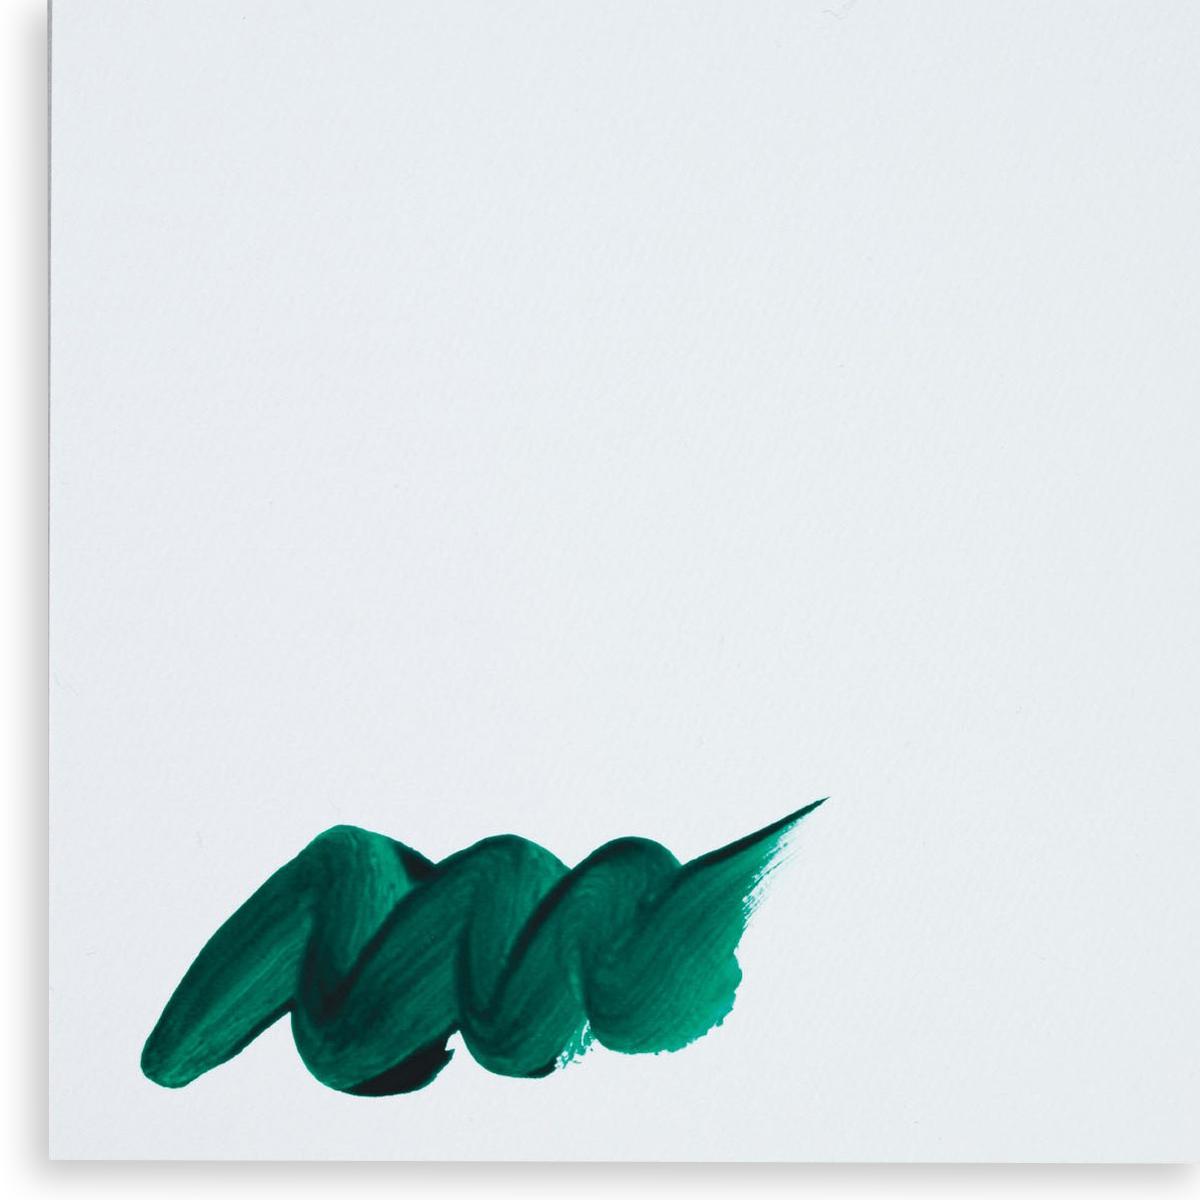 絵の具の発色性にも優れています マイネルペーパー XA 両面ボード B3 1.5mm厚 1枚 《週末限定タイムセール》 オリオン 枚 ORION イラストボード 割引も実施中